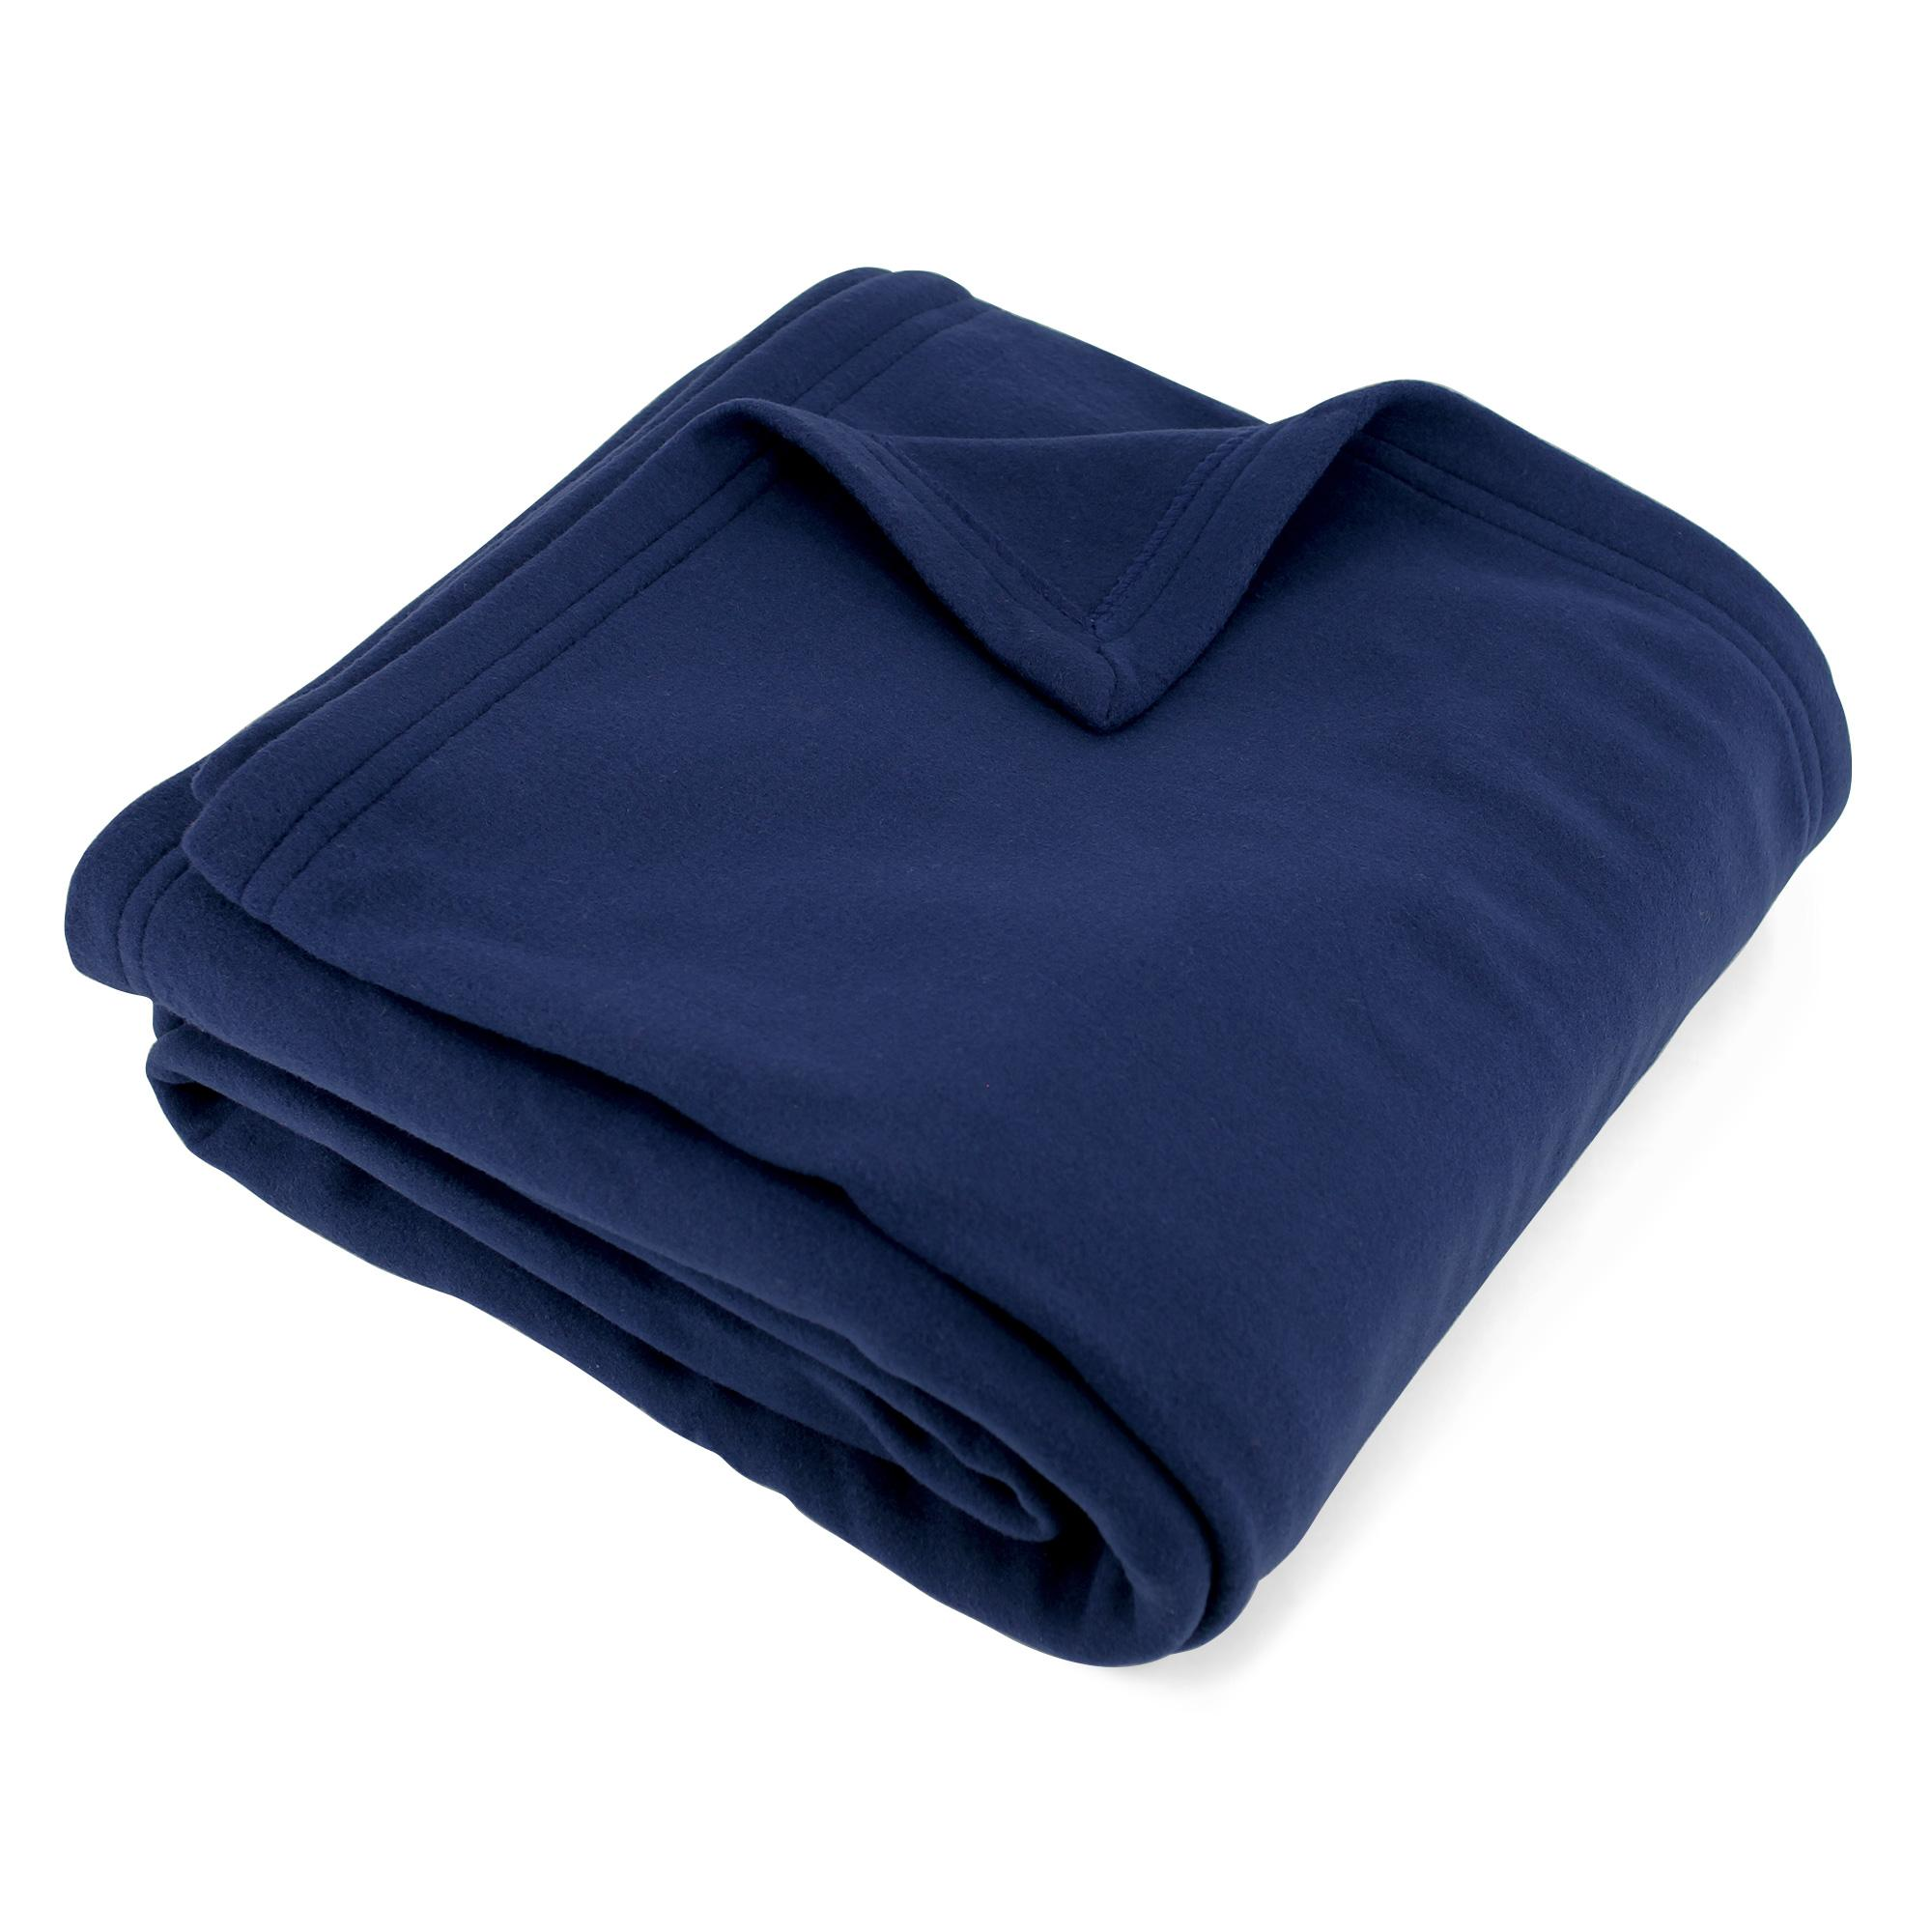 couverture polaire polyester 240x260 cm teddy marine linnea linge de maison et. Black Bedroom Furniture Sets. Home Design Ideas